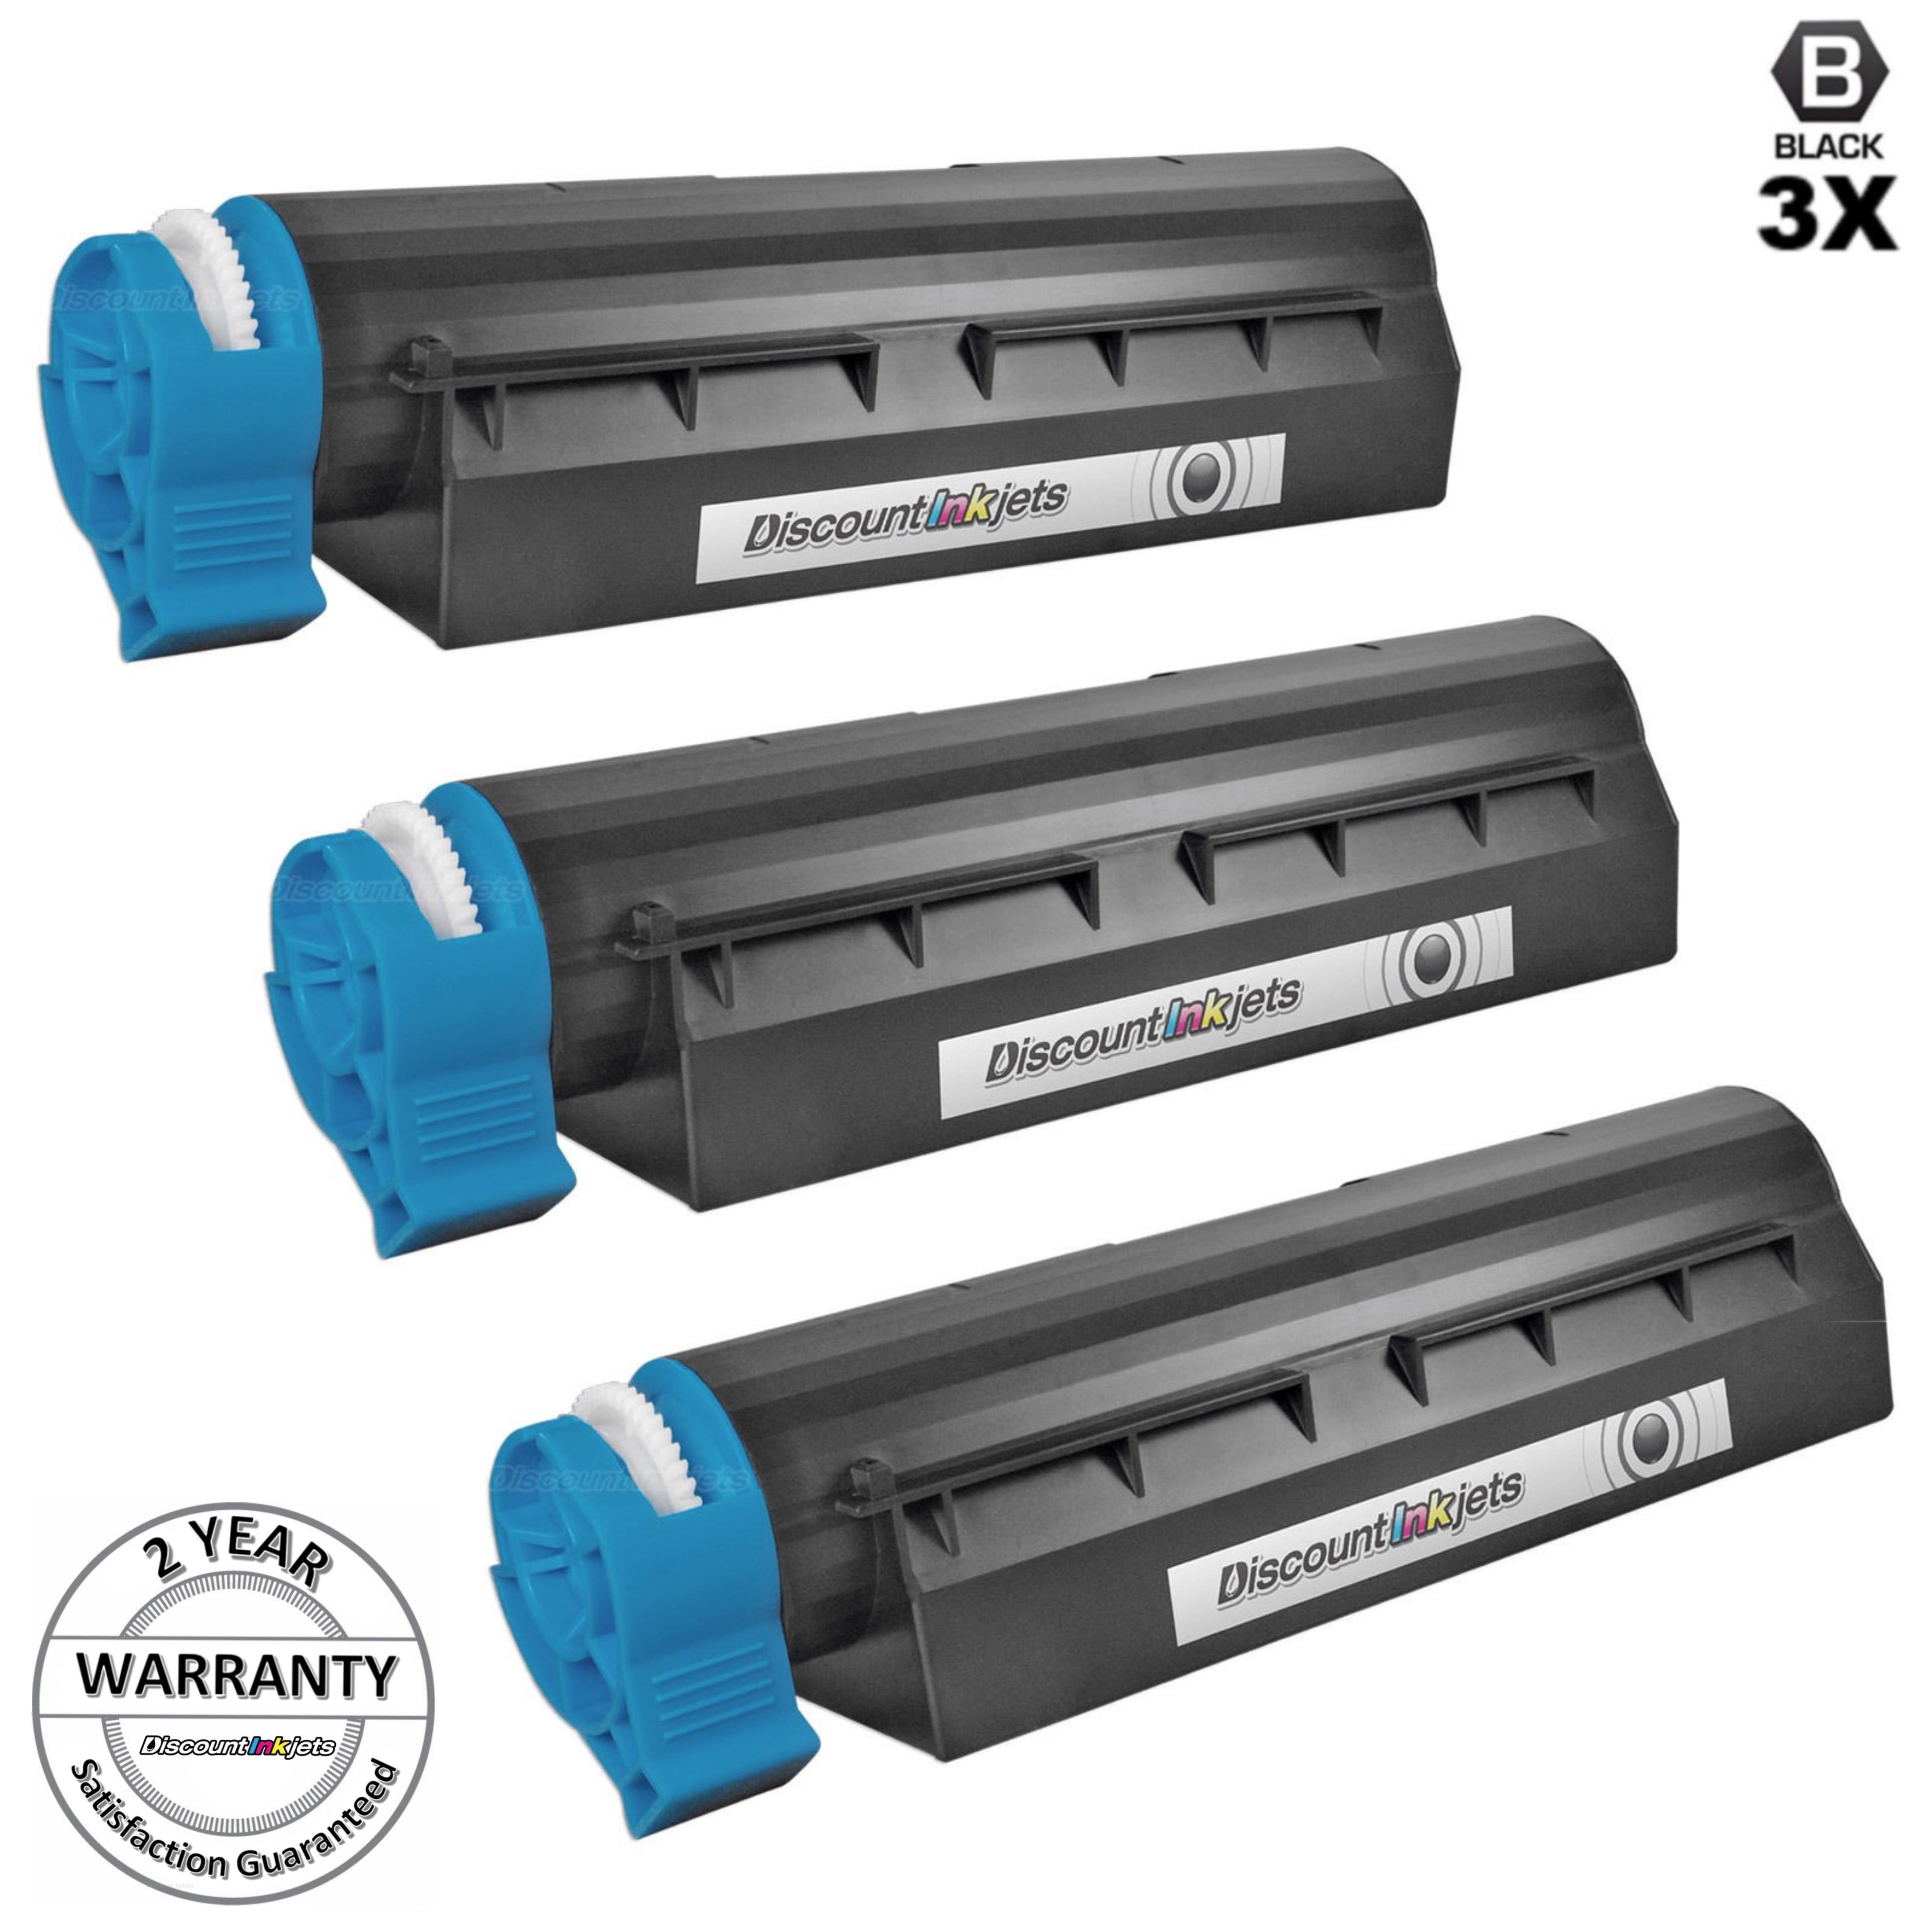 10 PACK 44574701 Black Printer Laser Toner Cartridge for Okidata Oki B411dn